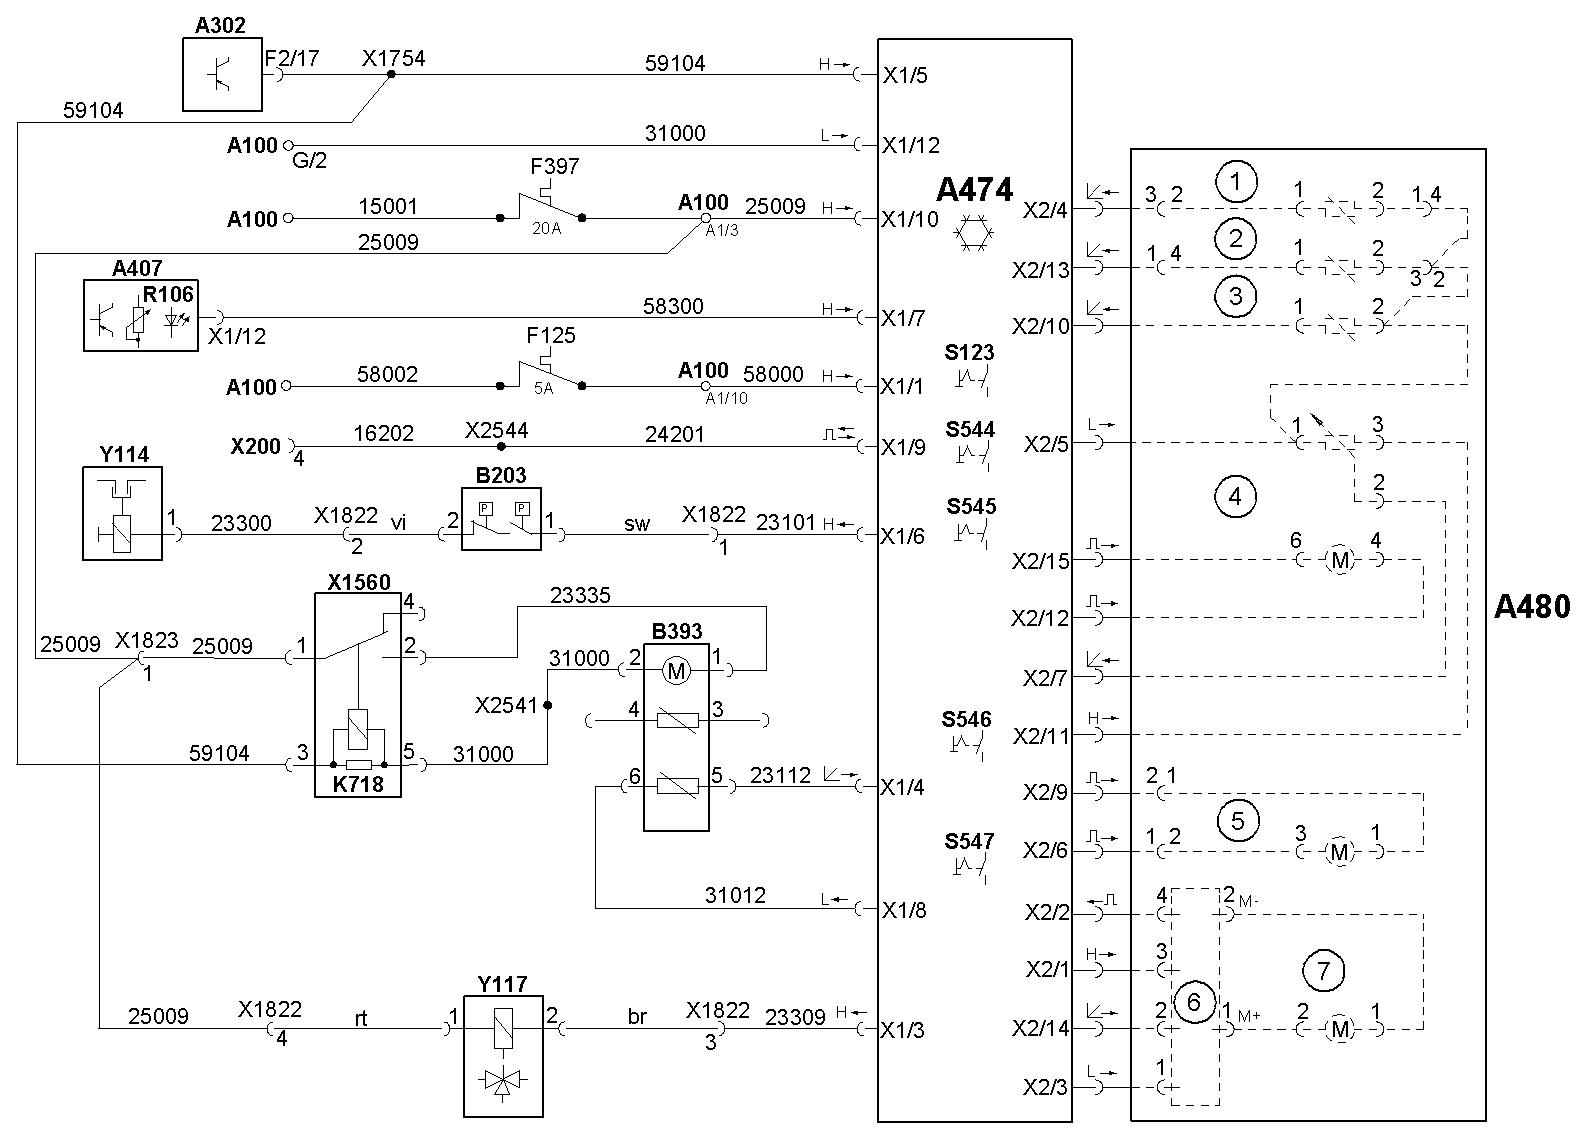 насос подачи мерседес устройство adblue схема атего